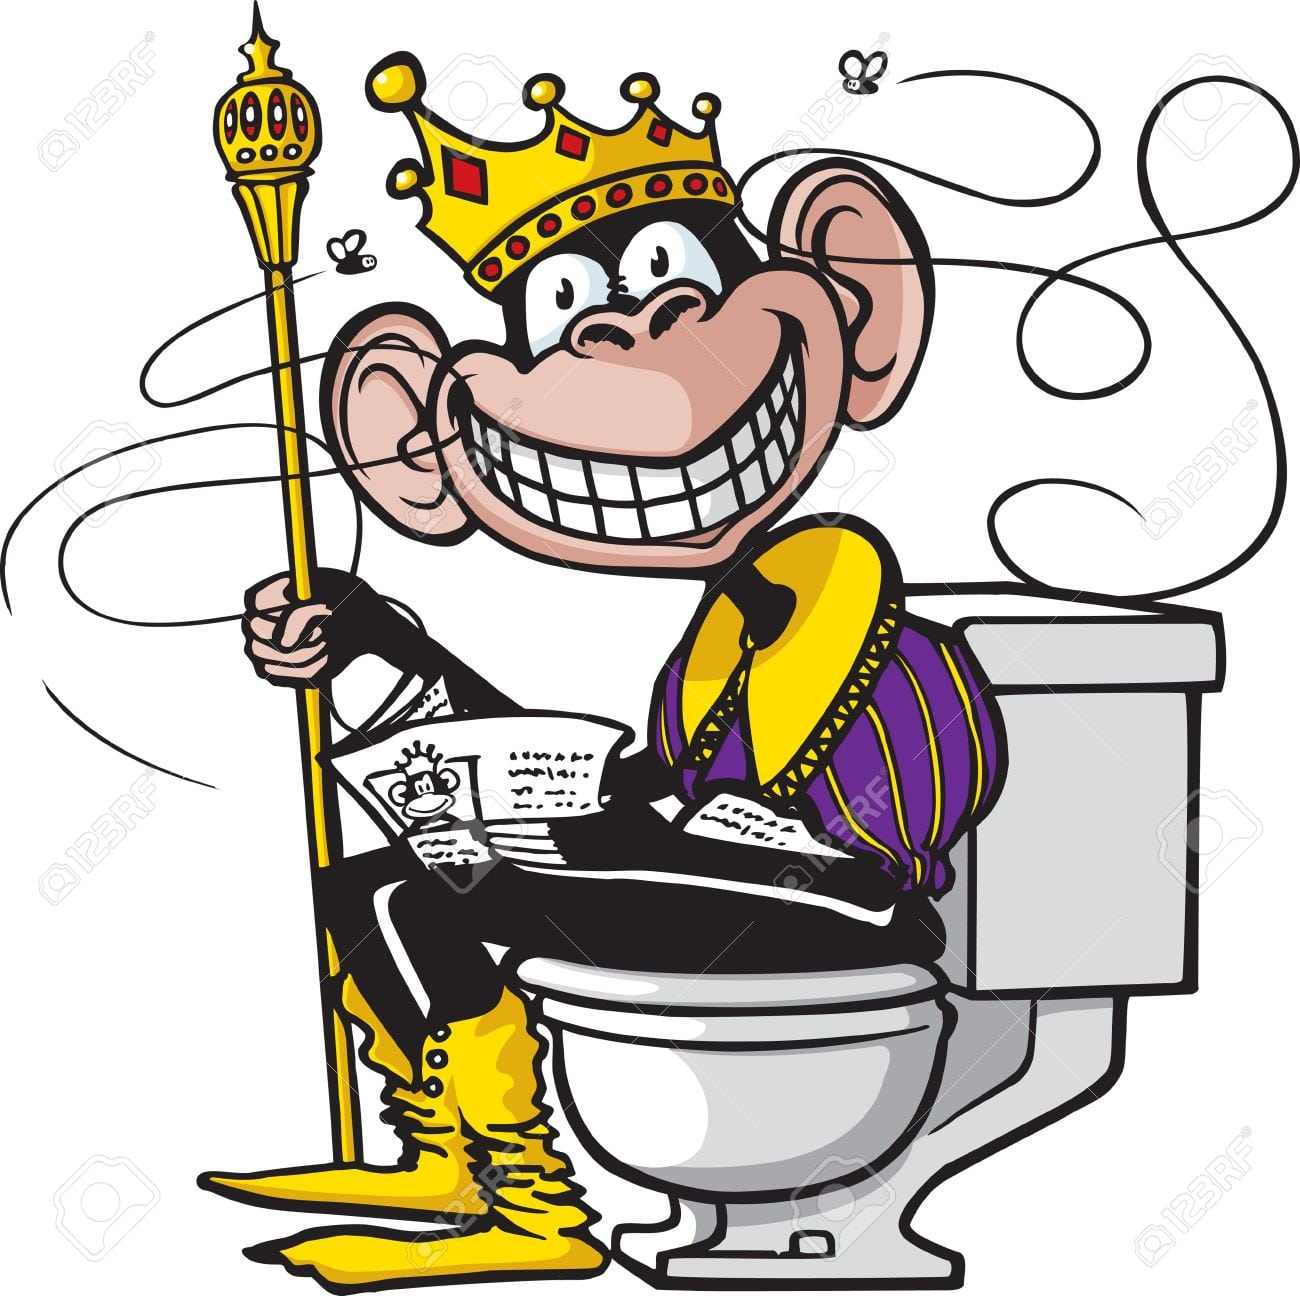 Uns Desenhos Animados De Um Chimpanzé Sentado Em Um Vaso Sanitário